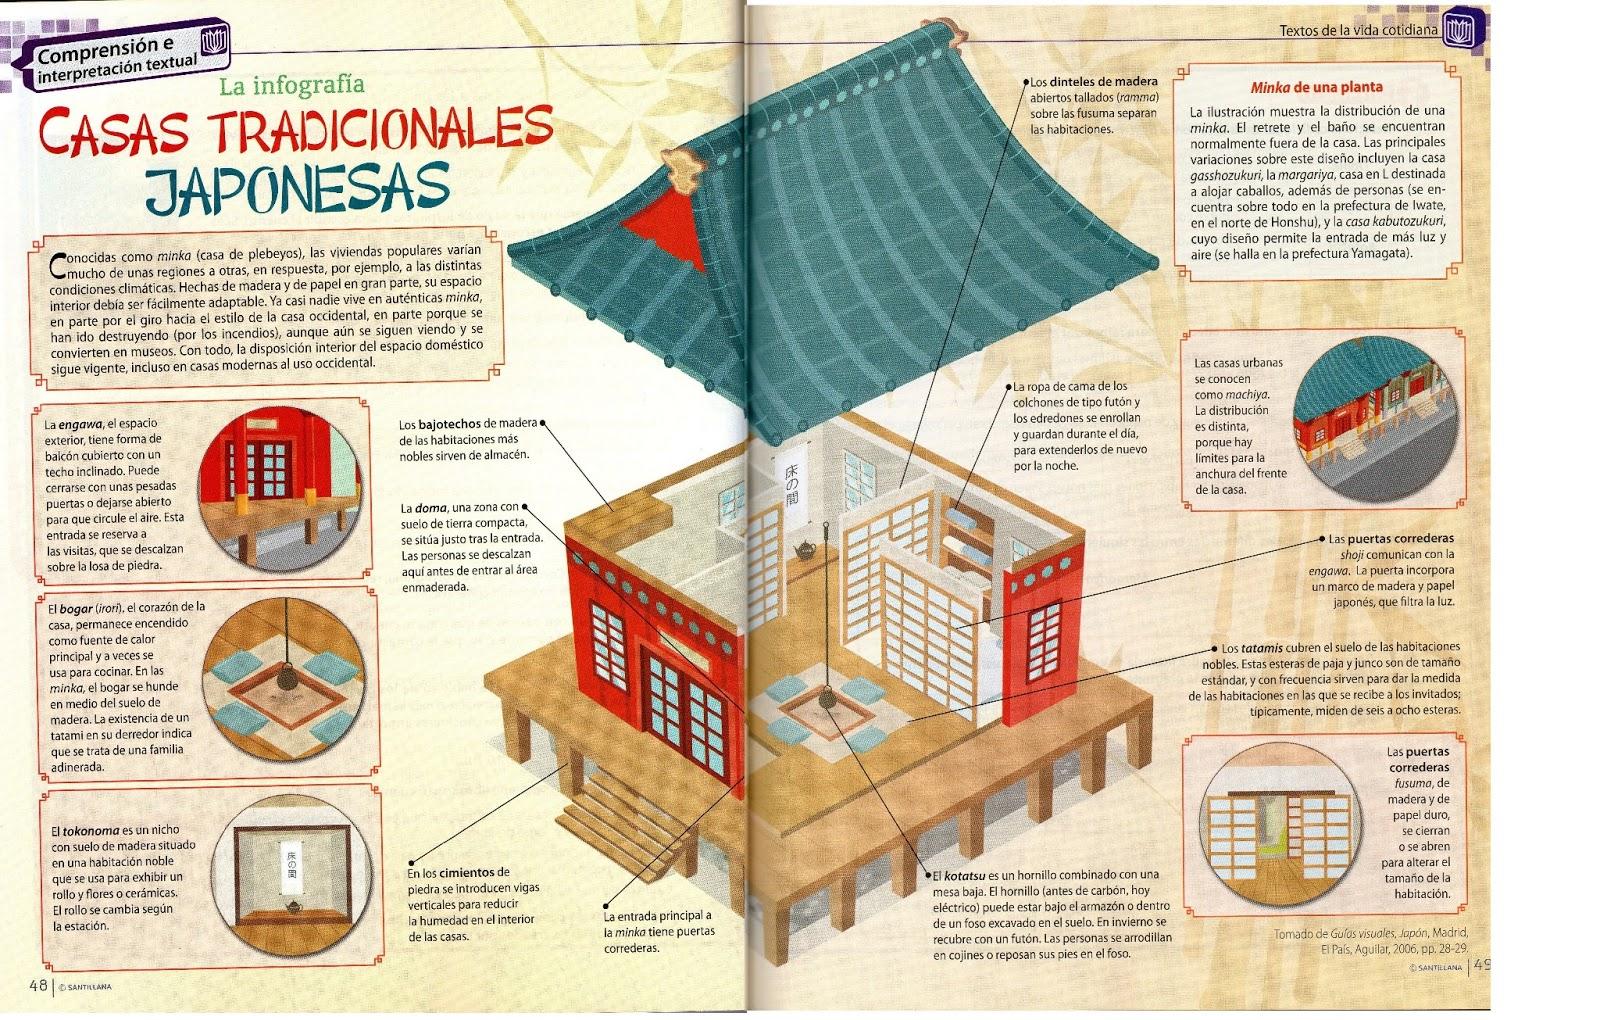 Espa ol s ptimo las casas tradicionales japonesas for Mesa japonesa tradicional